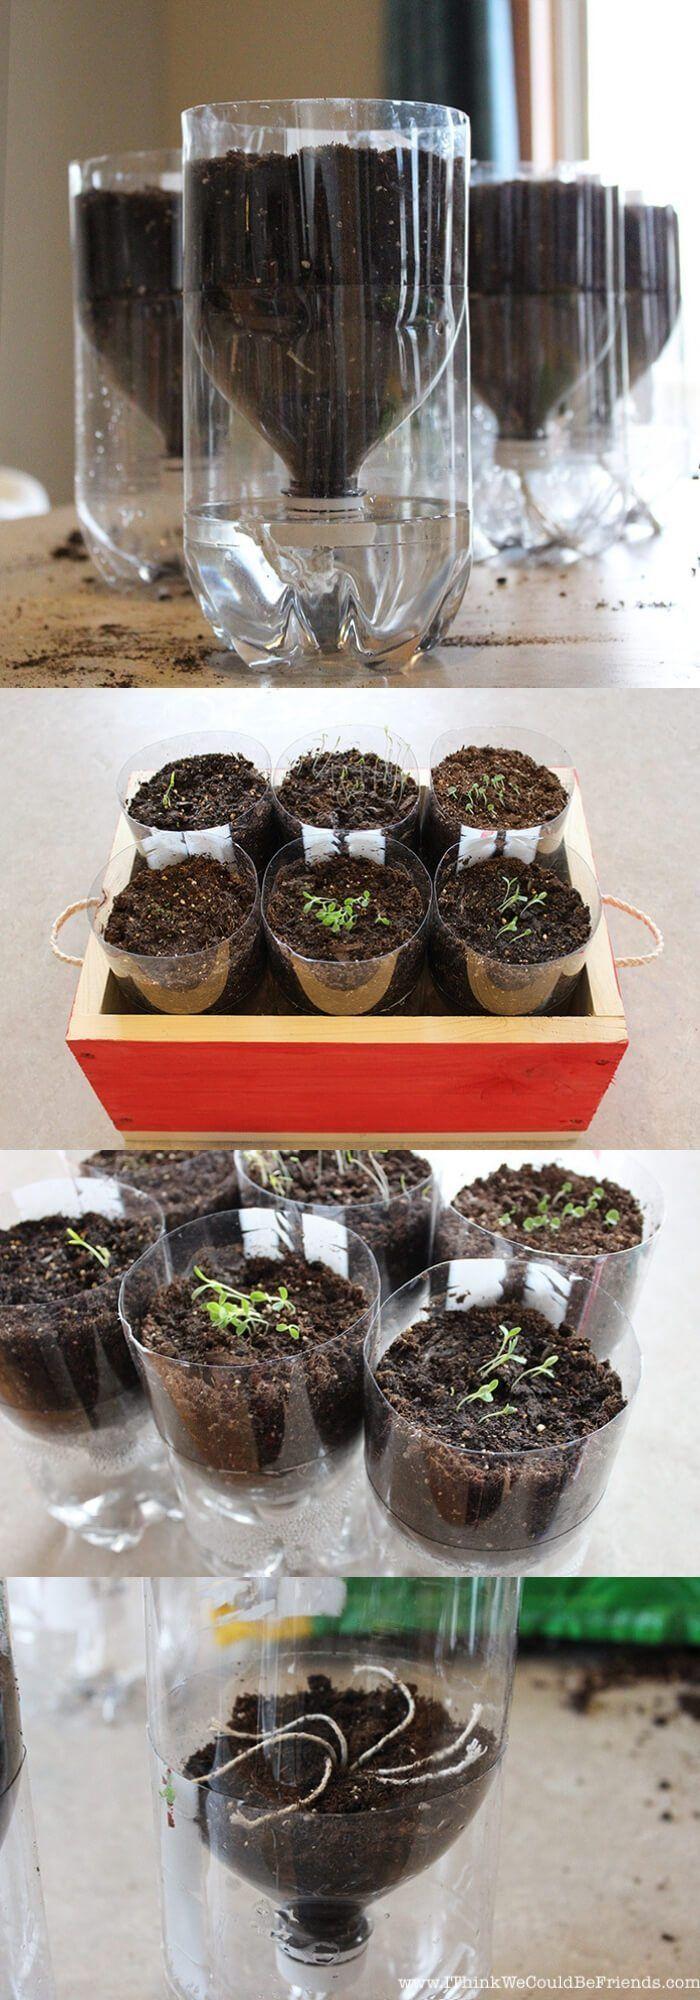 Selbstbewässerung Kräutergarten | Beste DIY Selbstbewässerungssystem-Ideen #b… #herbsgarden